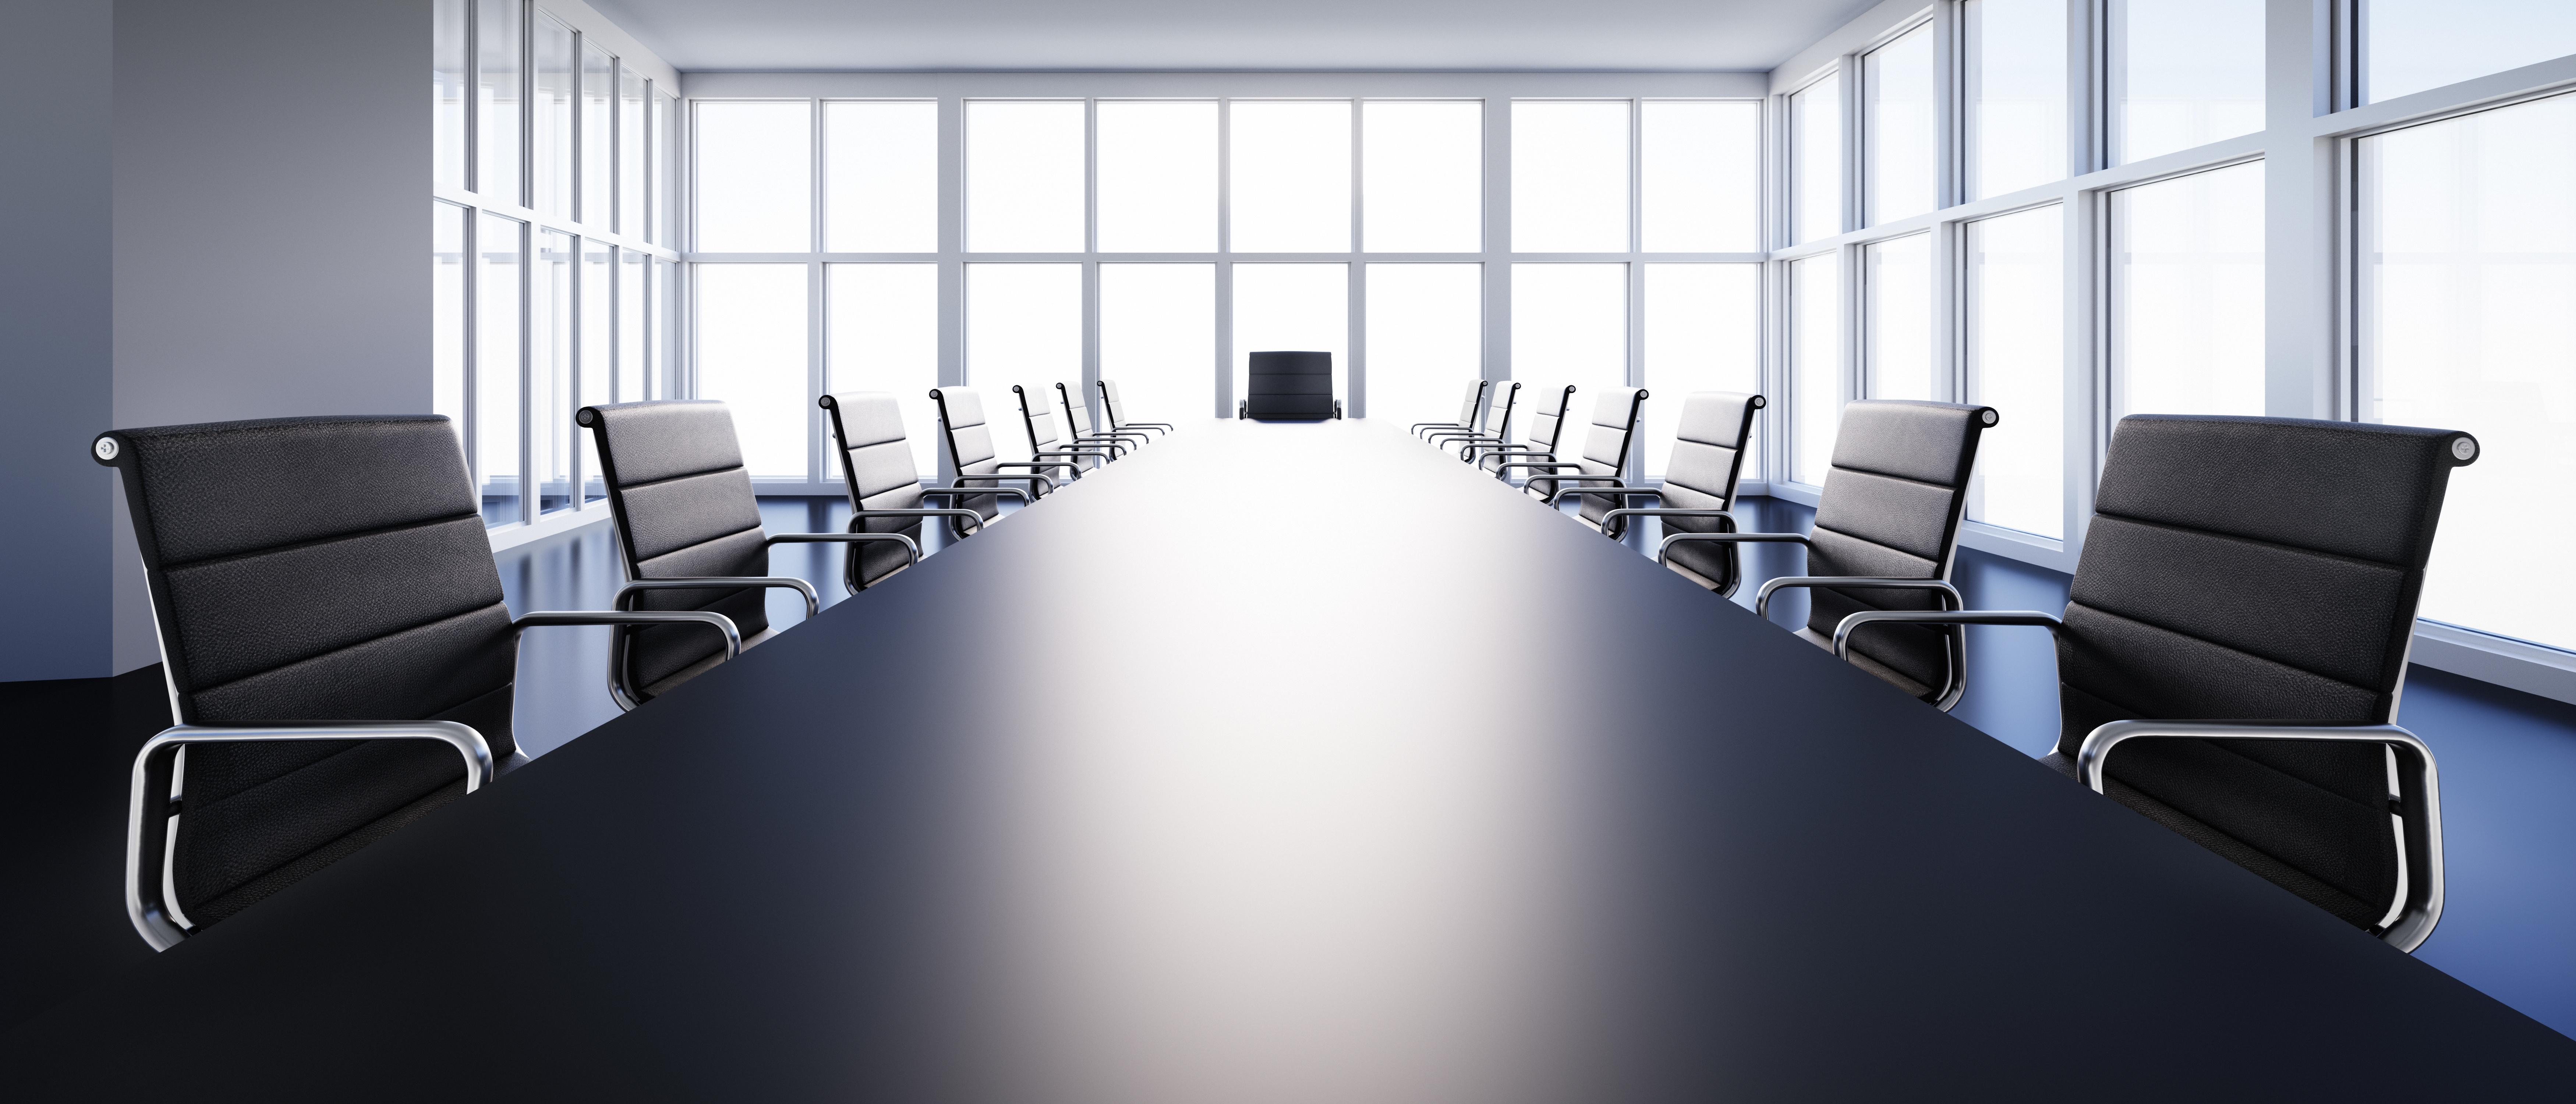 UPDATE 21/04 - Besluitvorming bij vennootschappen in tijden van corona